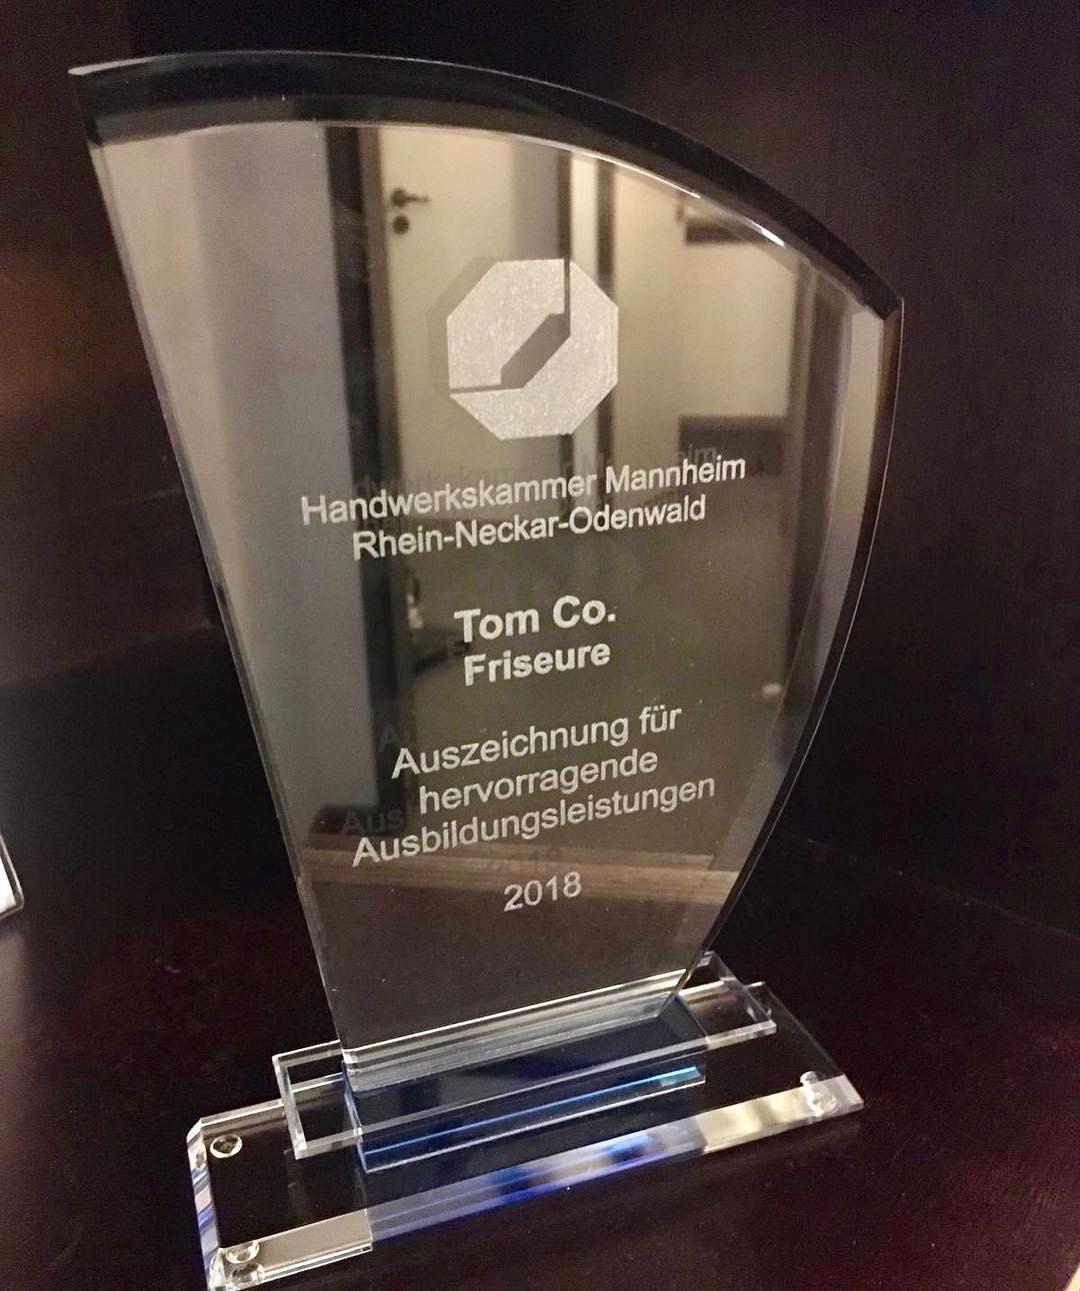 Auszeichnung der Handwerkskammer Mannheim Rhein-Neckar-Odenwald für hervorragende Ausbildungsleistungen 2018